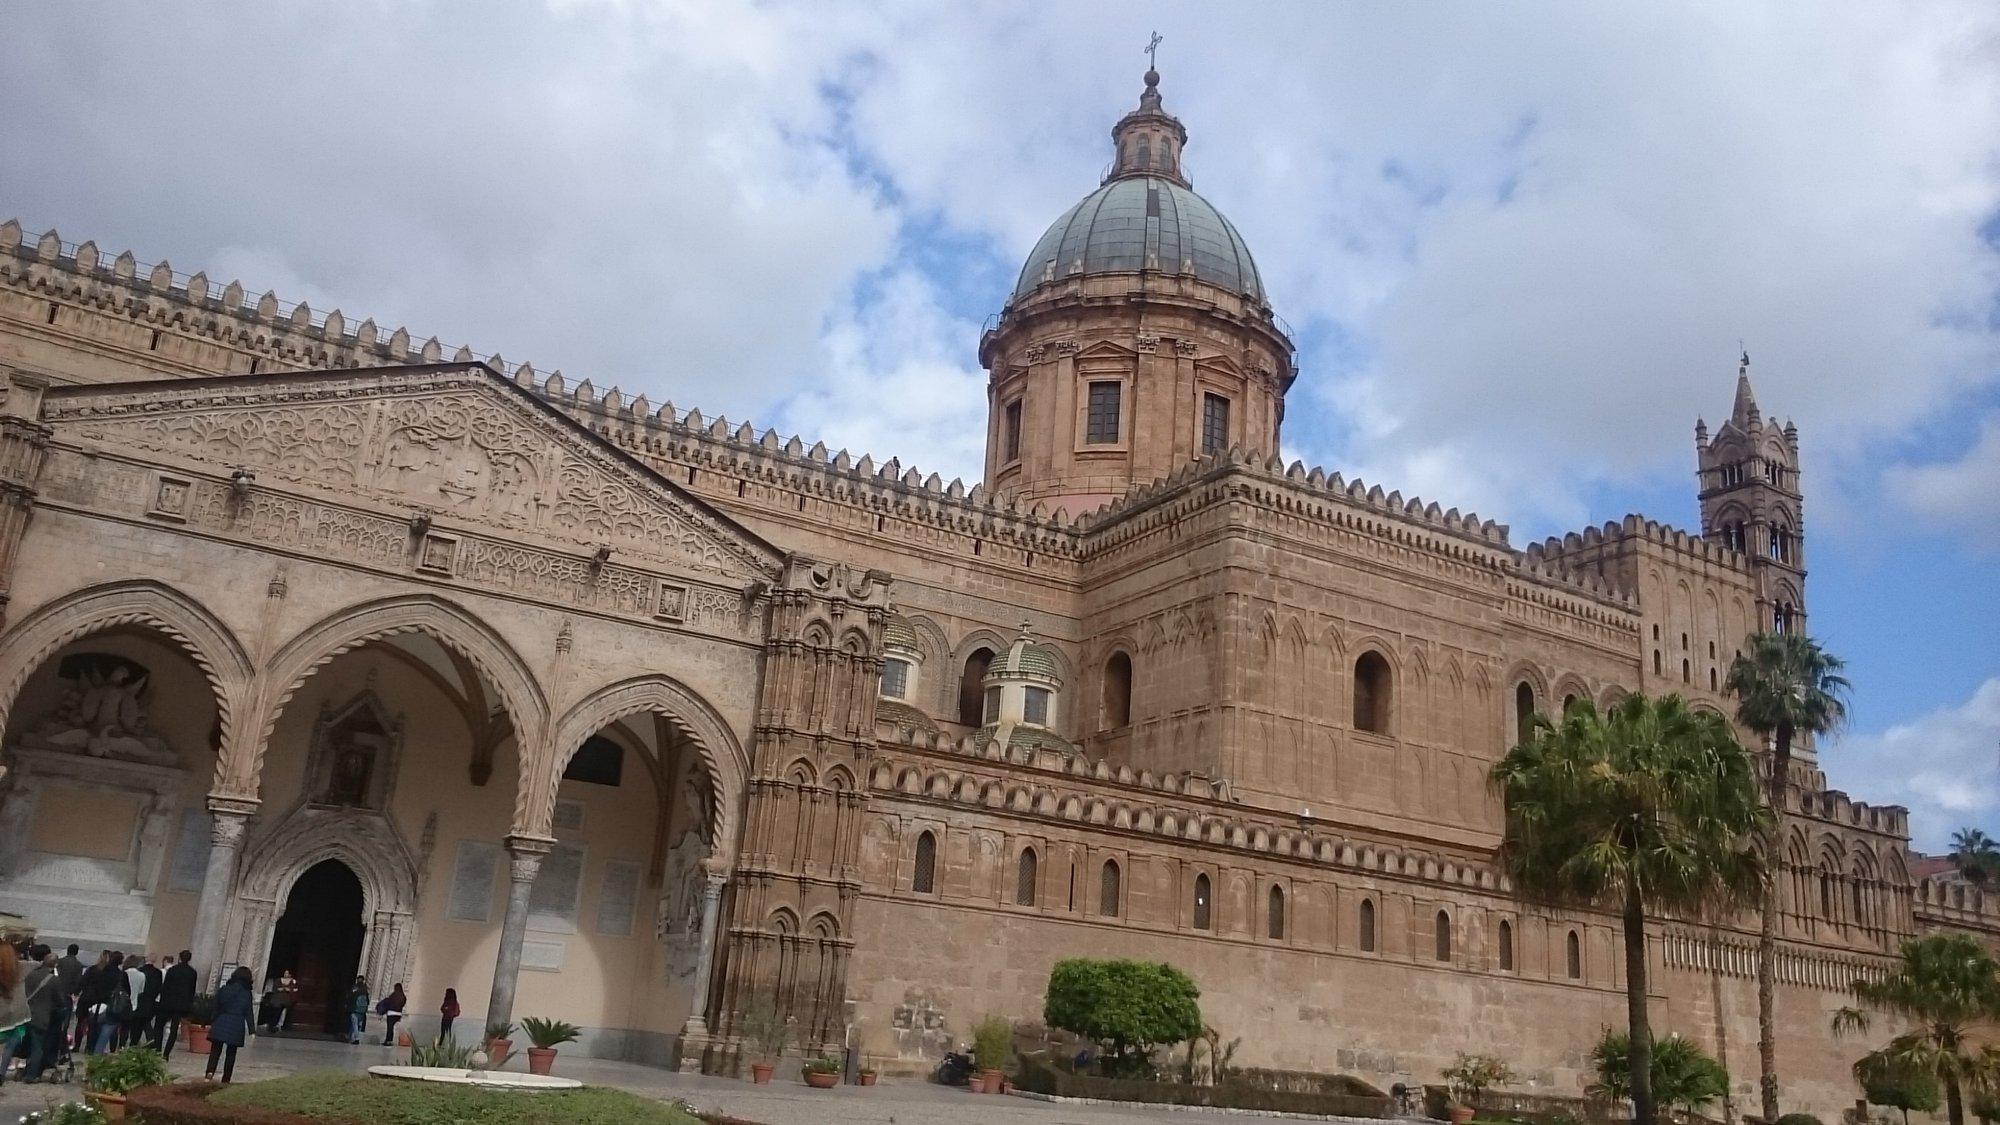 собор с богато украшенным фасадом